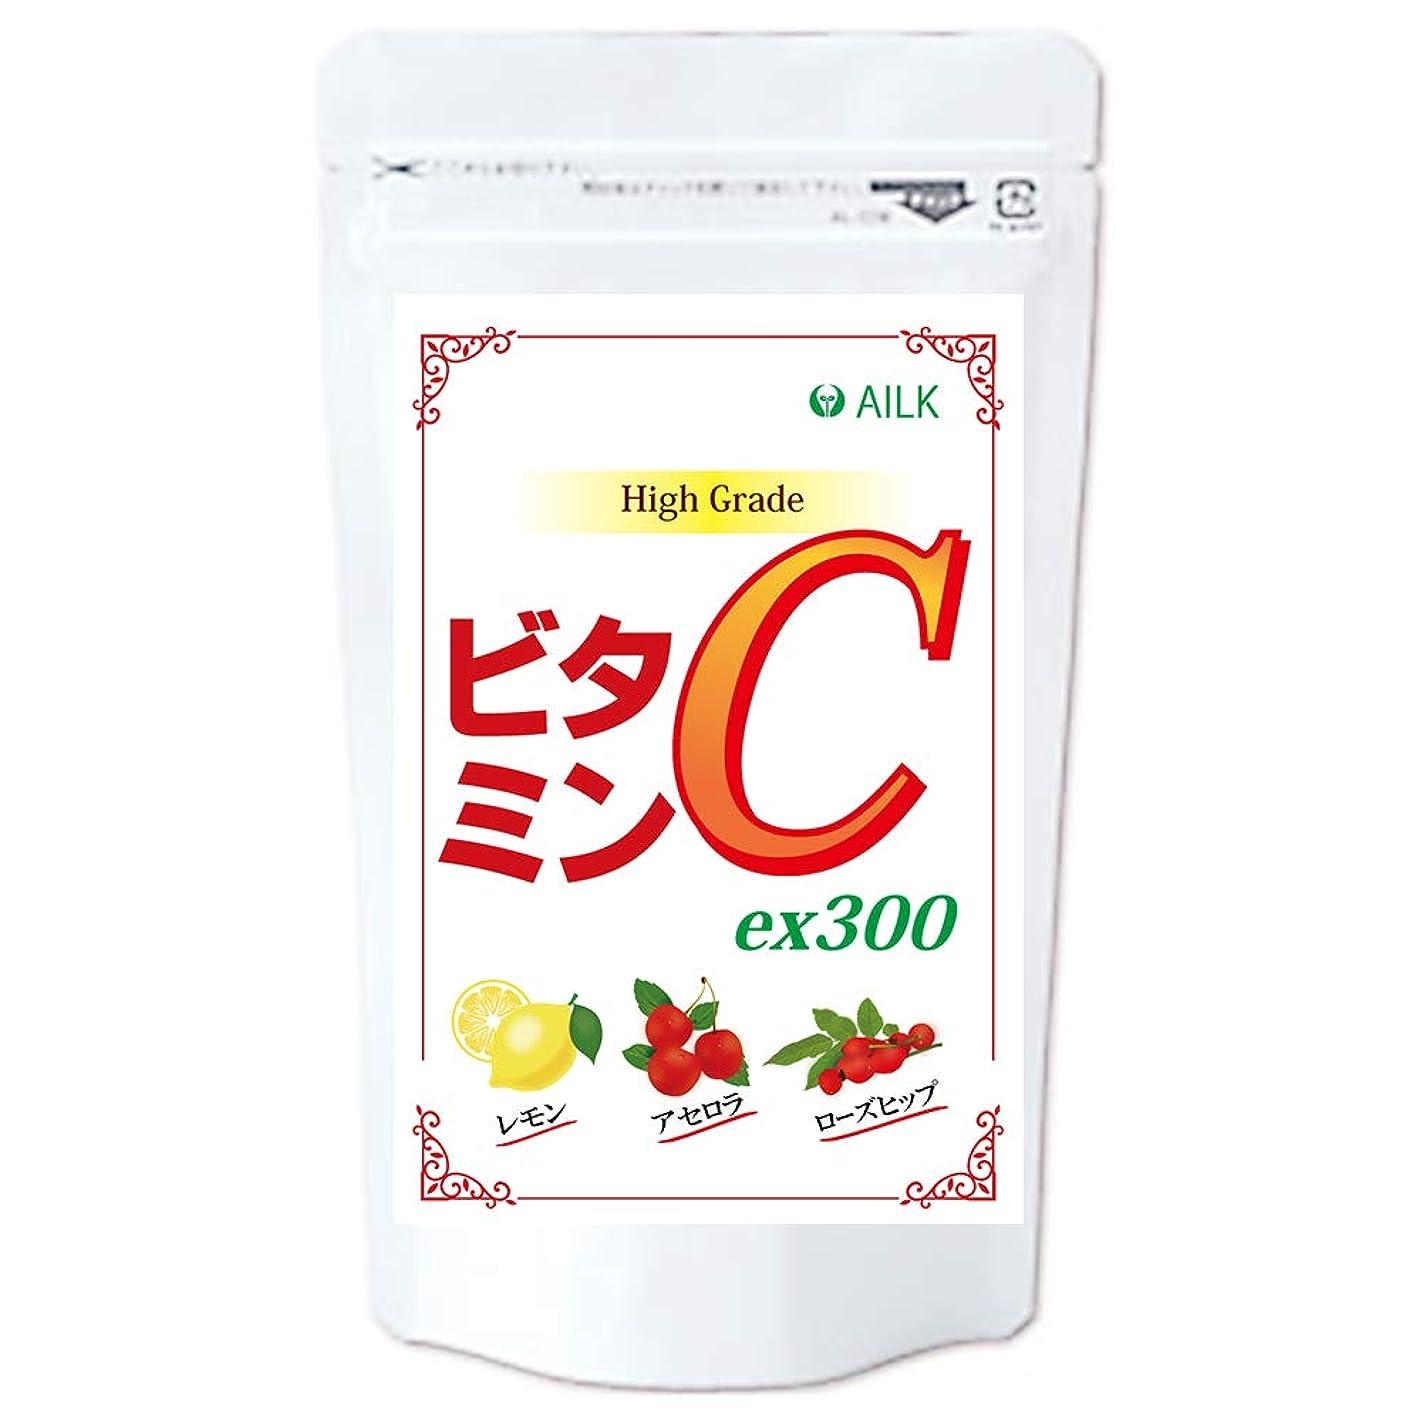 宙返り汚いトレーニング高品質ビタミンc AILK 高濃度おいしい天然ビタミンc 約2か月分アスコルビン酸不使用 アセロラ ローズヒップ レモン VCサプリメント タブレット 110粒 1か月分